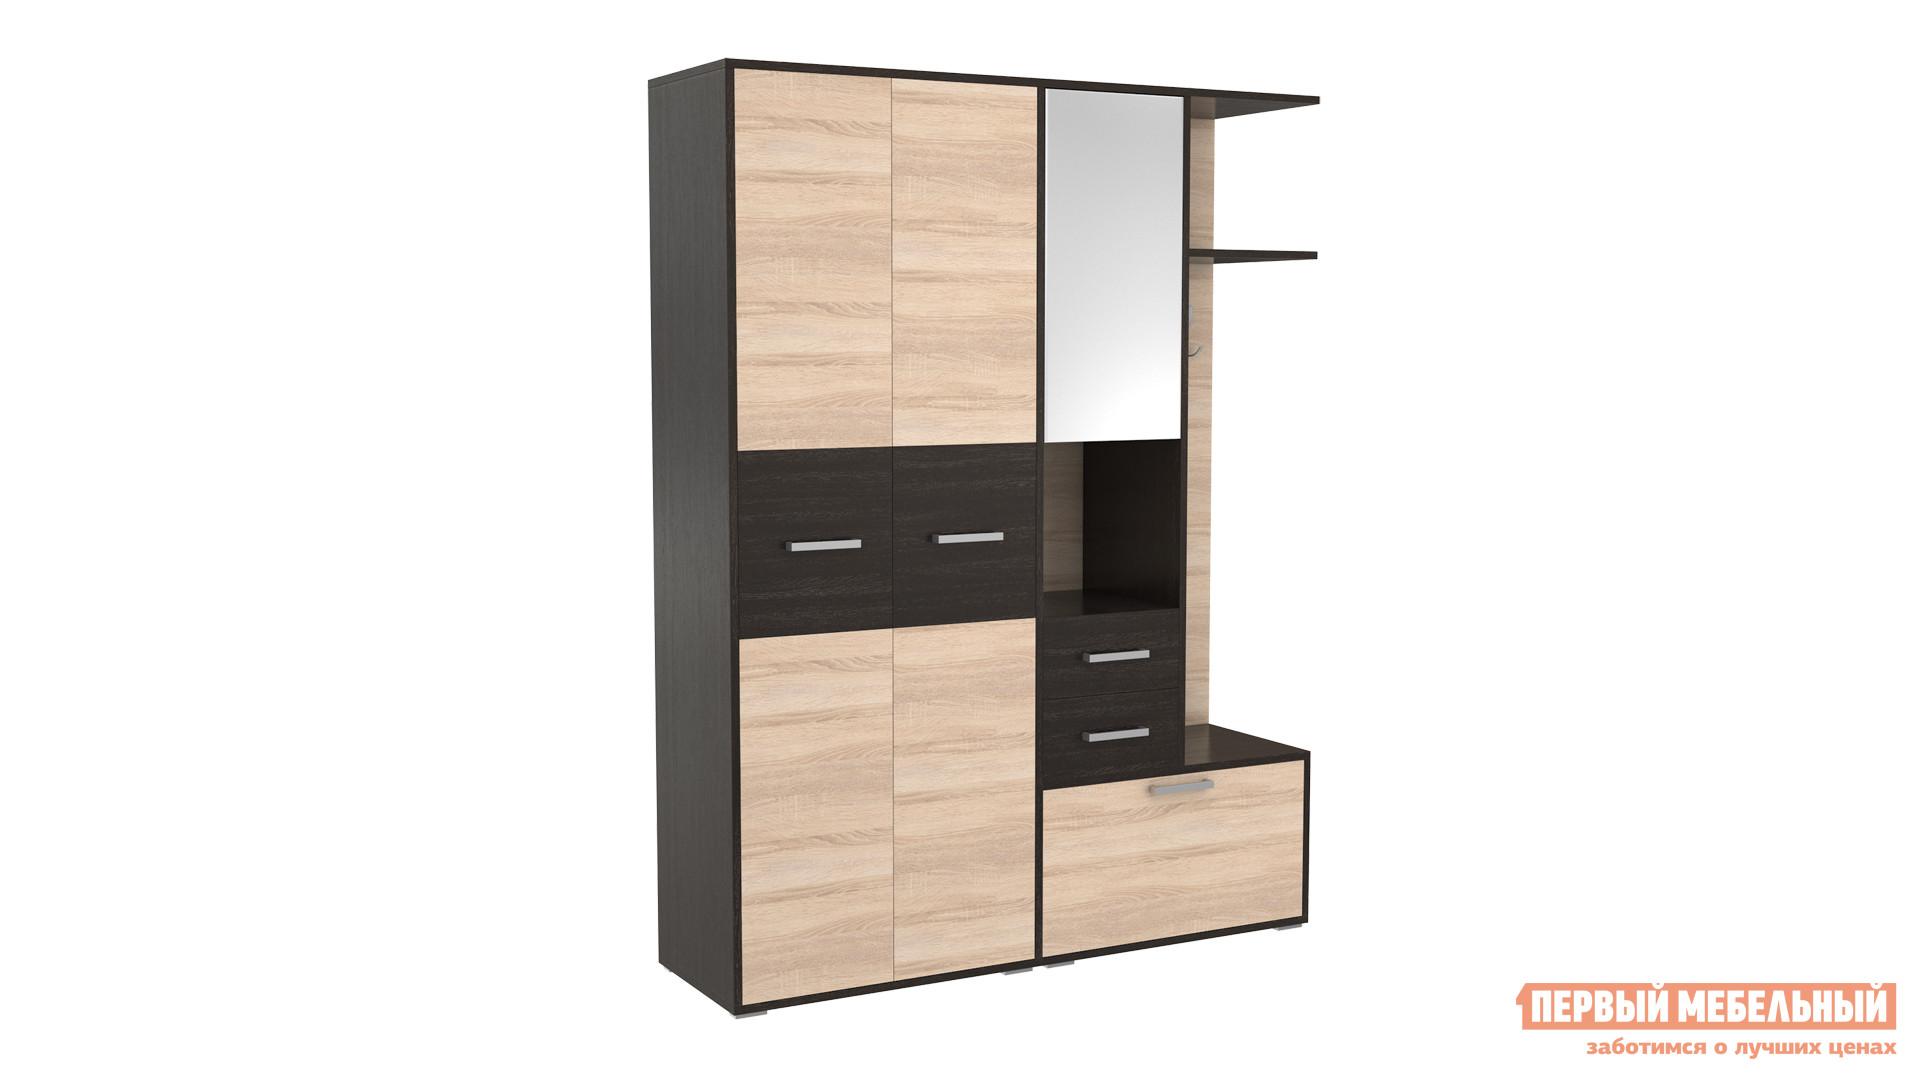 Прихожая Первый Мебельный 47ПТ2 casio dw 6900bb 1